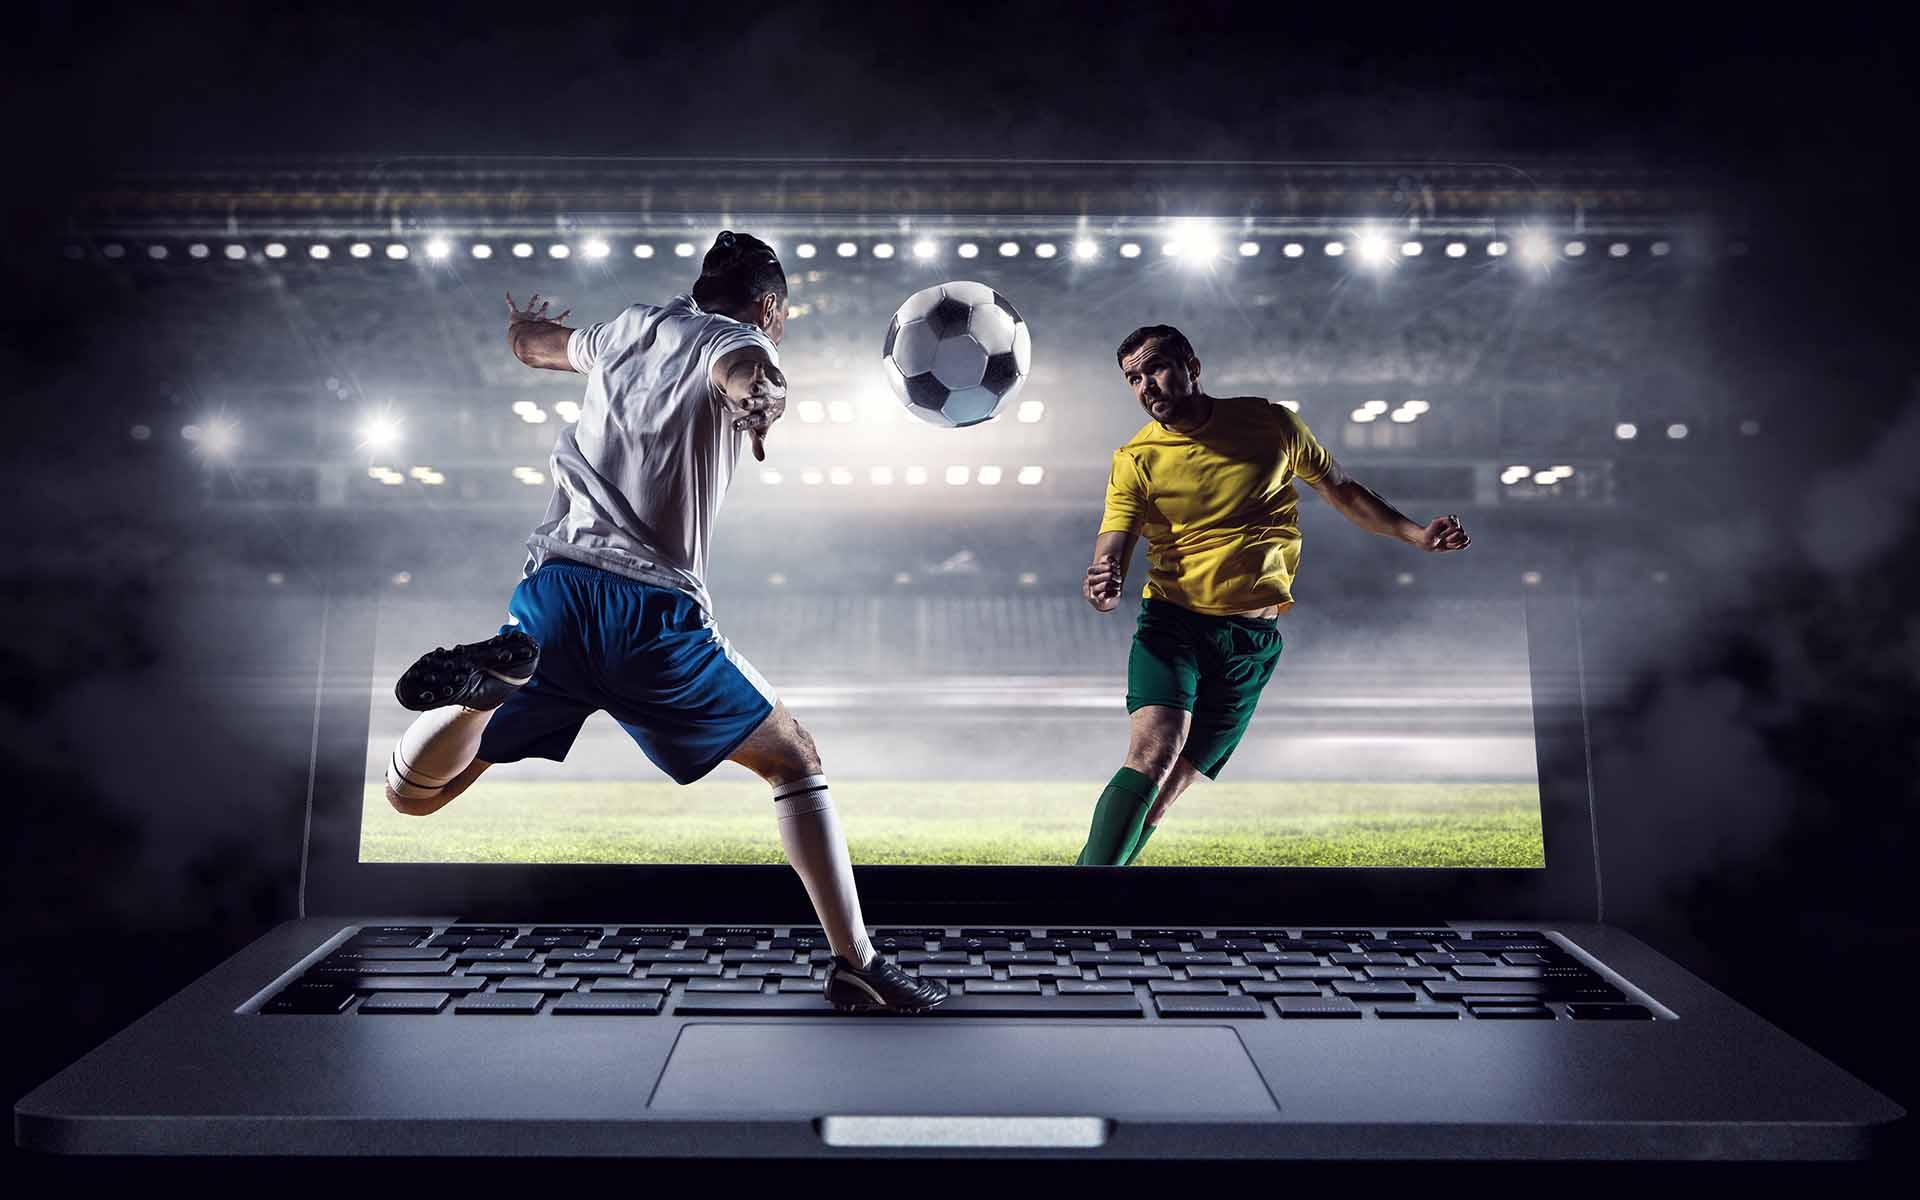 شرط بندی مسابقات لیگ قهرمانان اروپا ۲۰۲۱